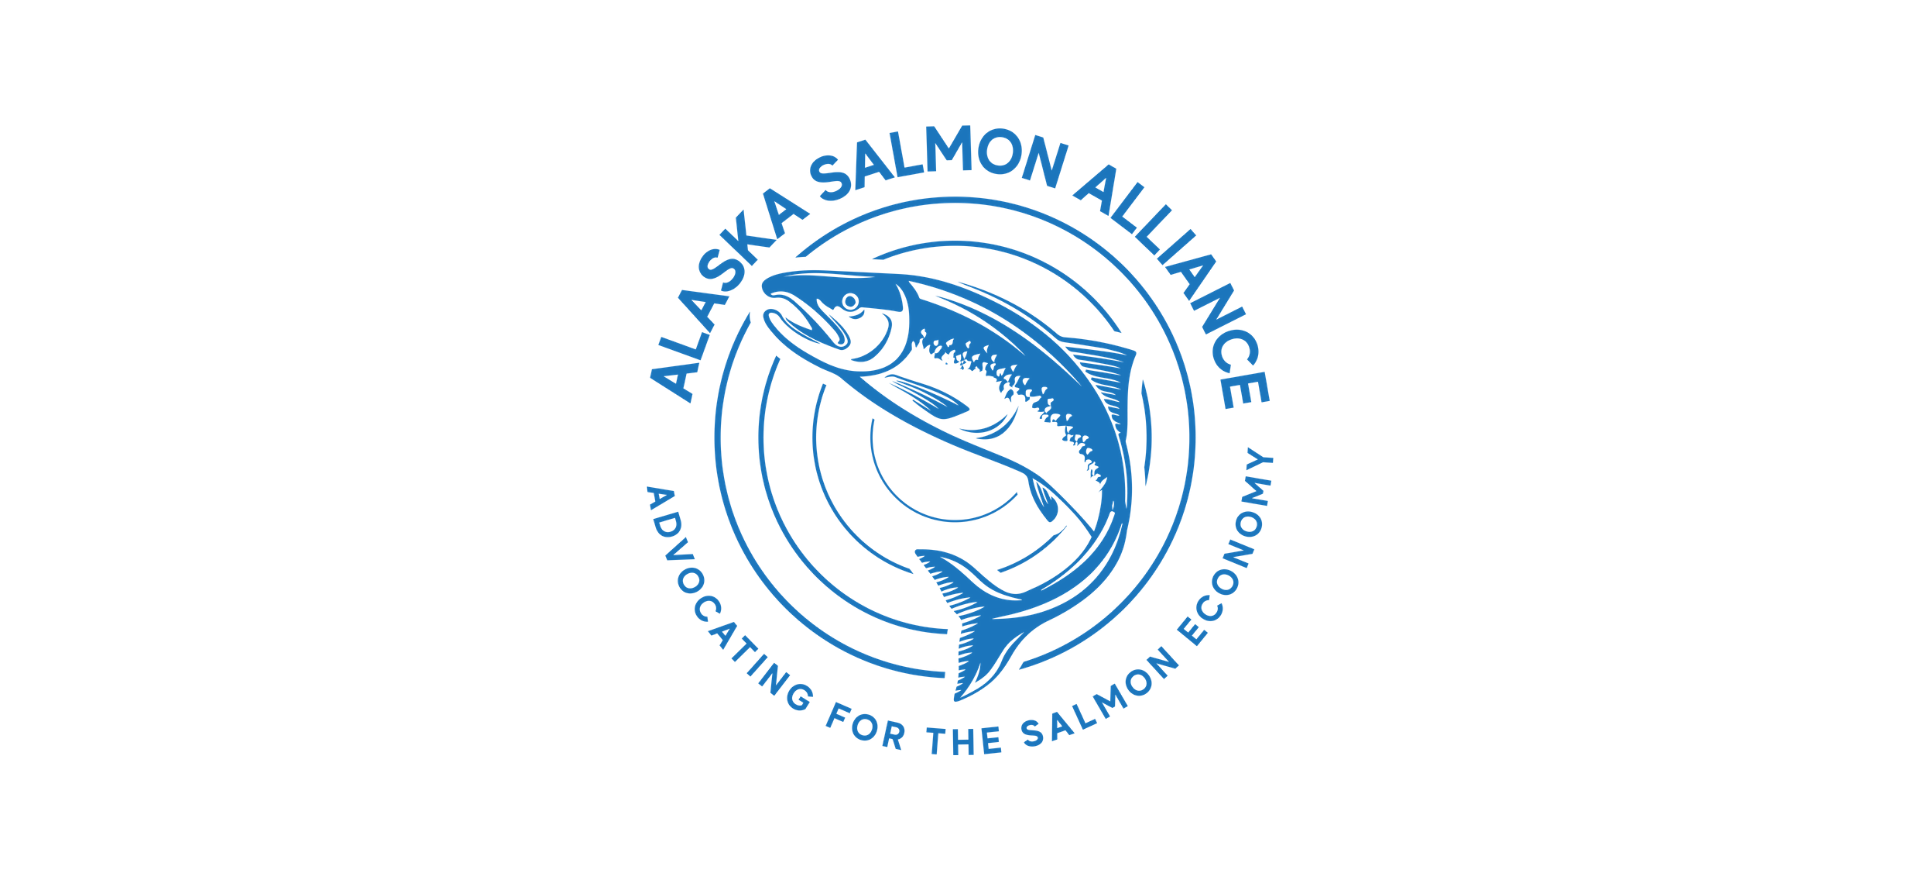 Alaska Salmon Alliance